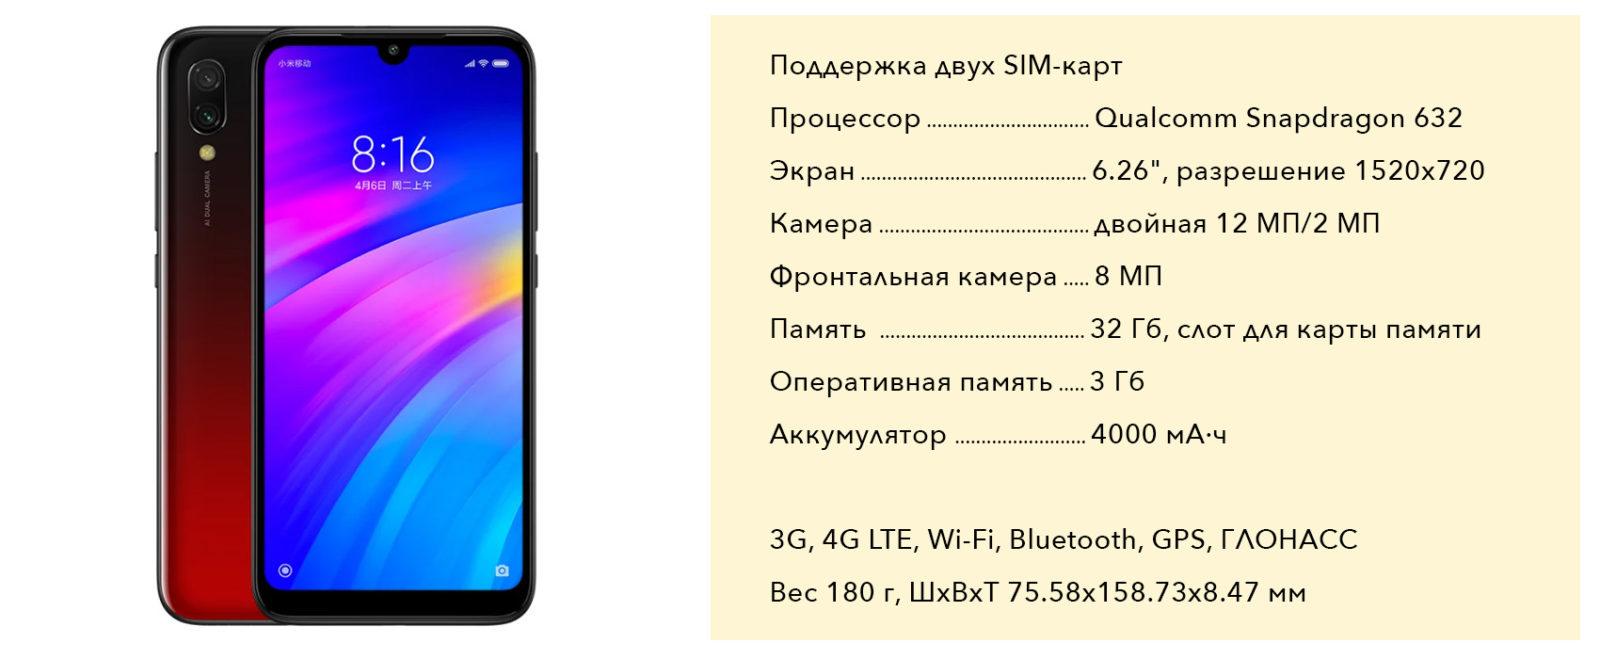 Характеристики Xiaomi Redmi 7